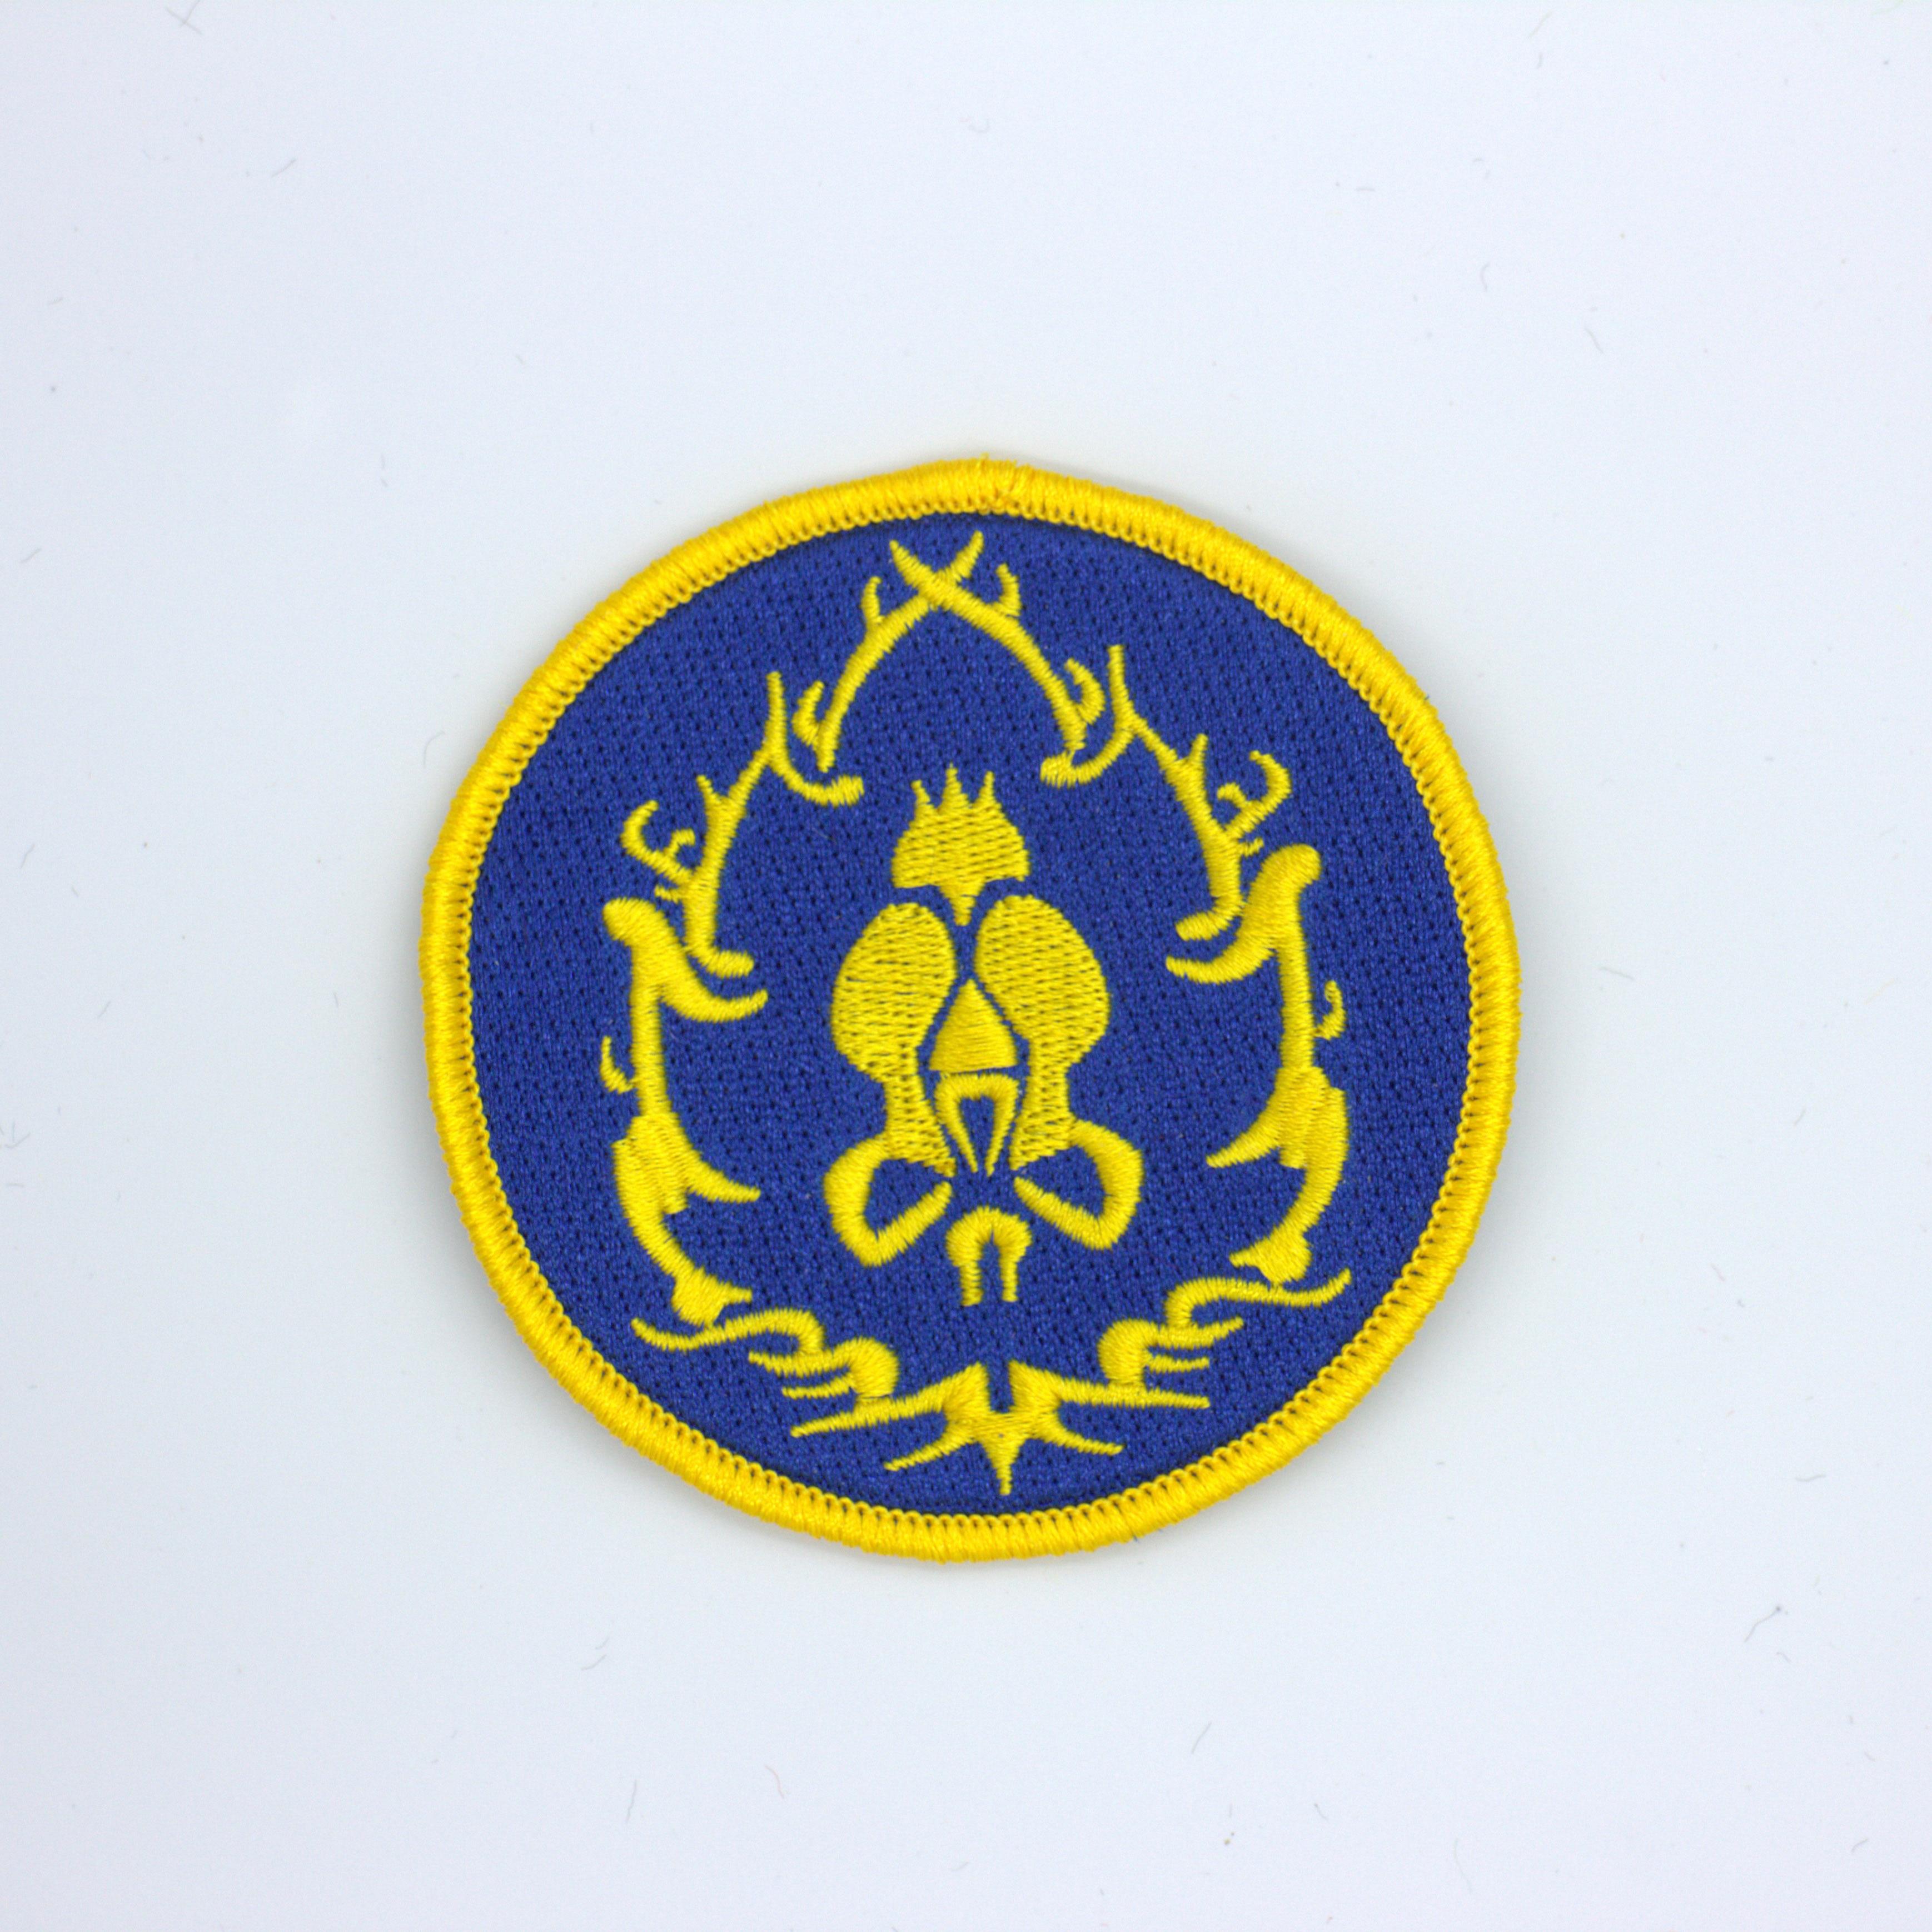 Carateres remendos emblemas bordado applique costura ferro no emblema roupas vestuário acessórios 8